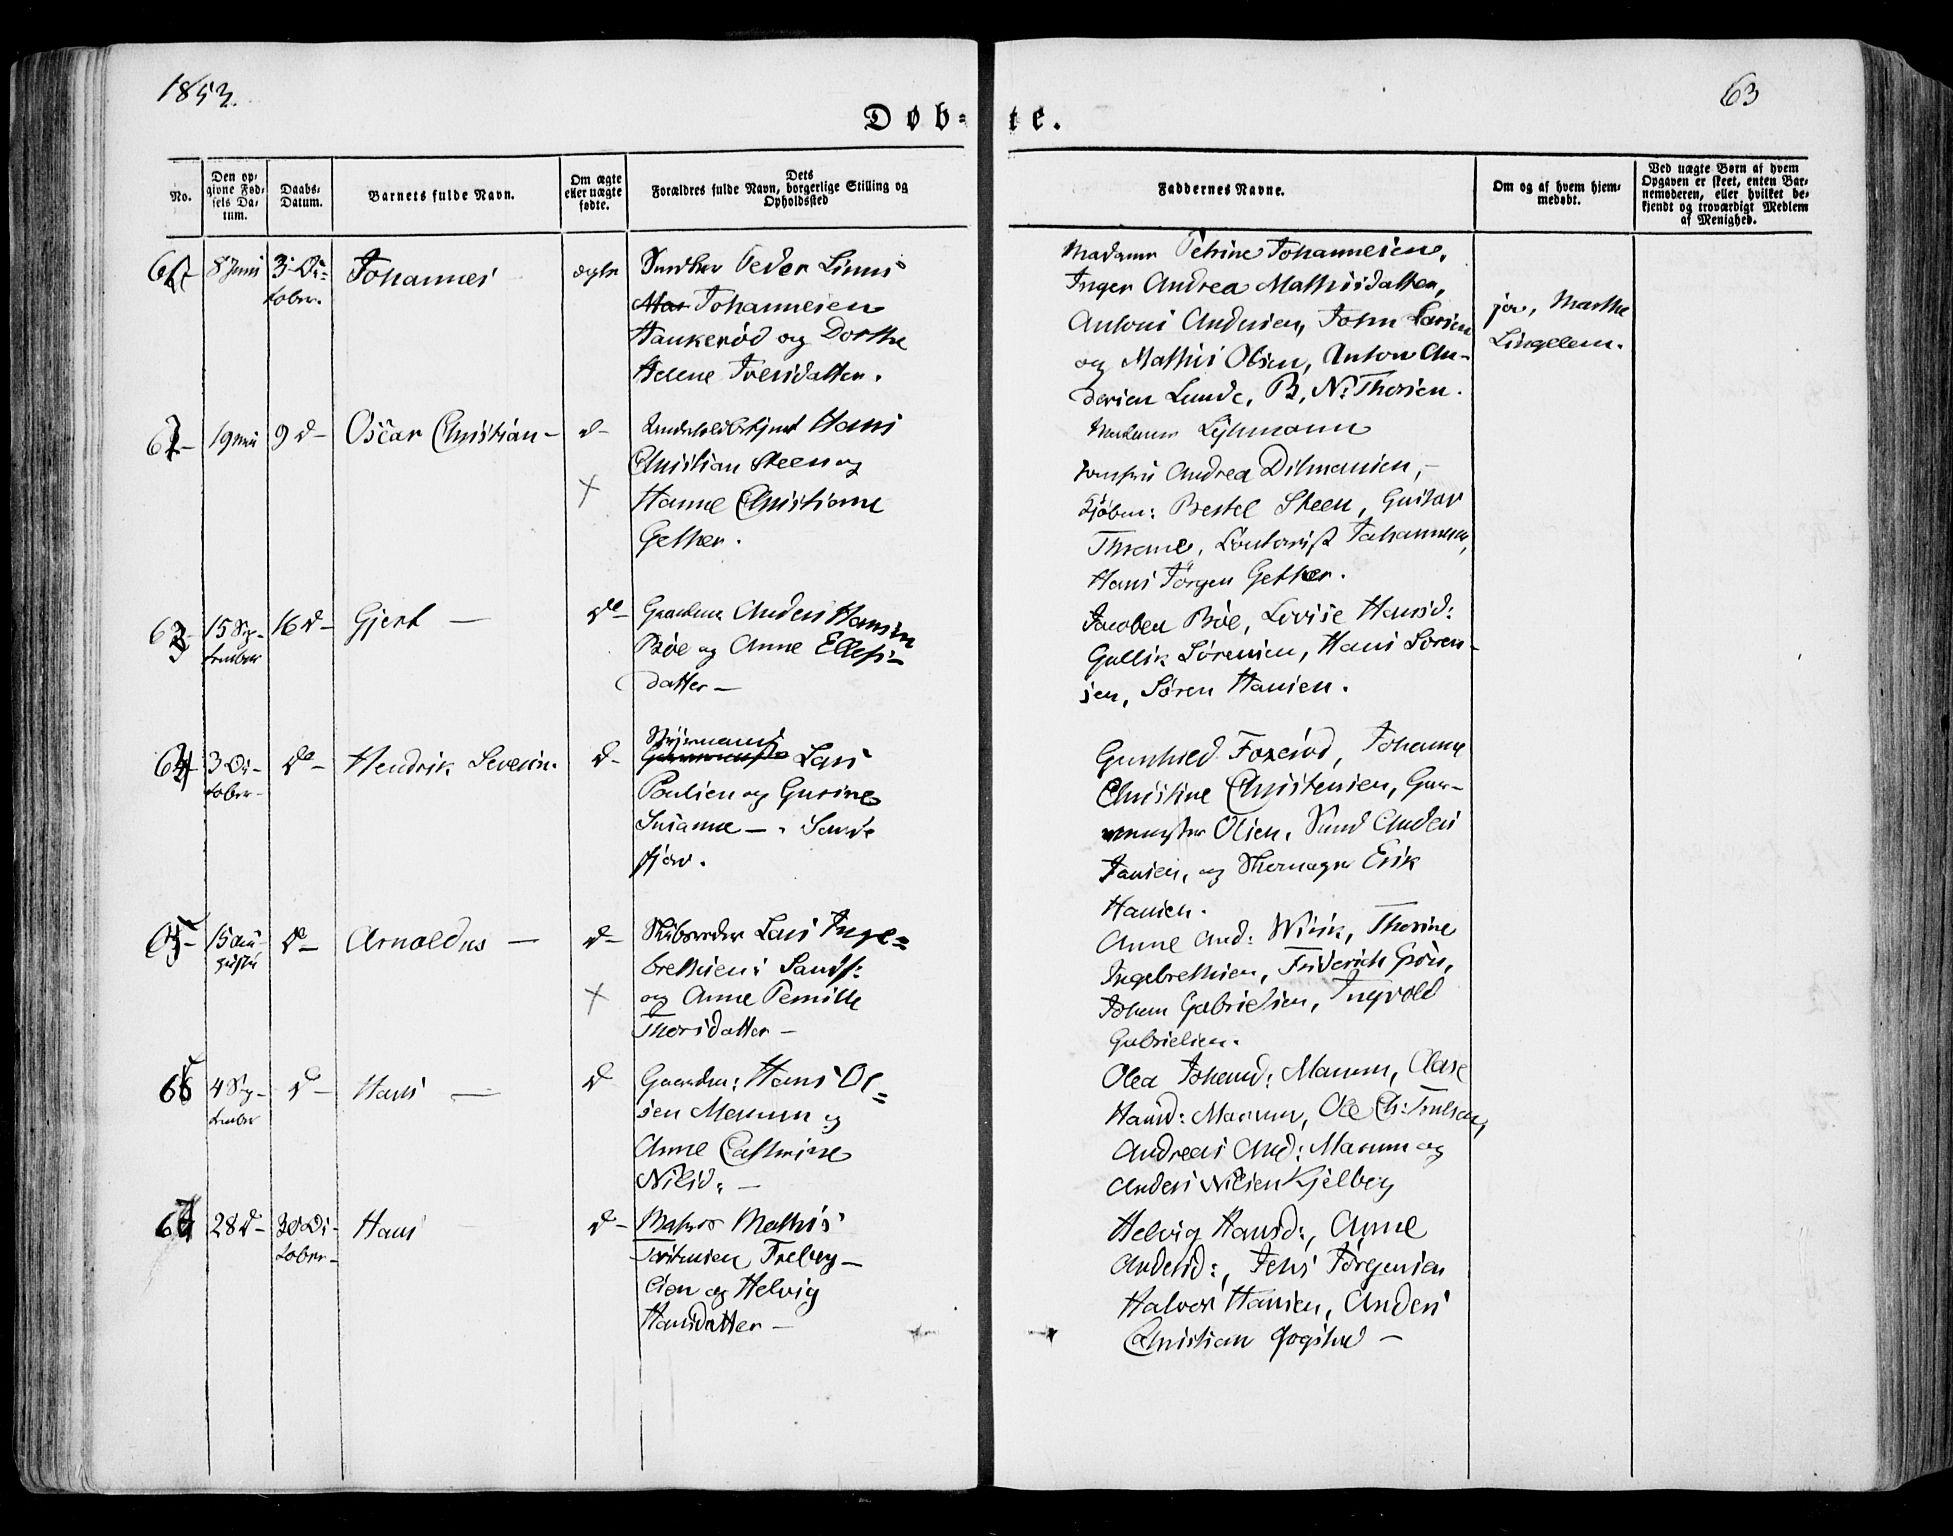 SAKO, Sandar kirkebøker, F/Fa/L0006: Ministerialbok nr. 6, 1847-1860, s. 63